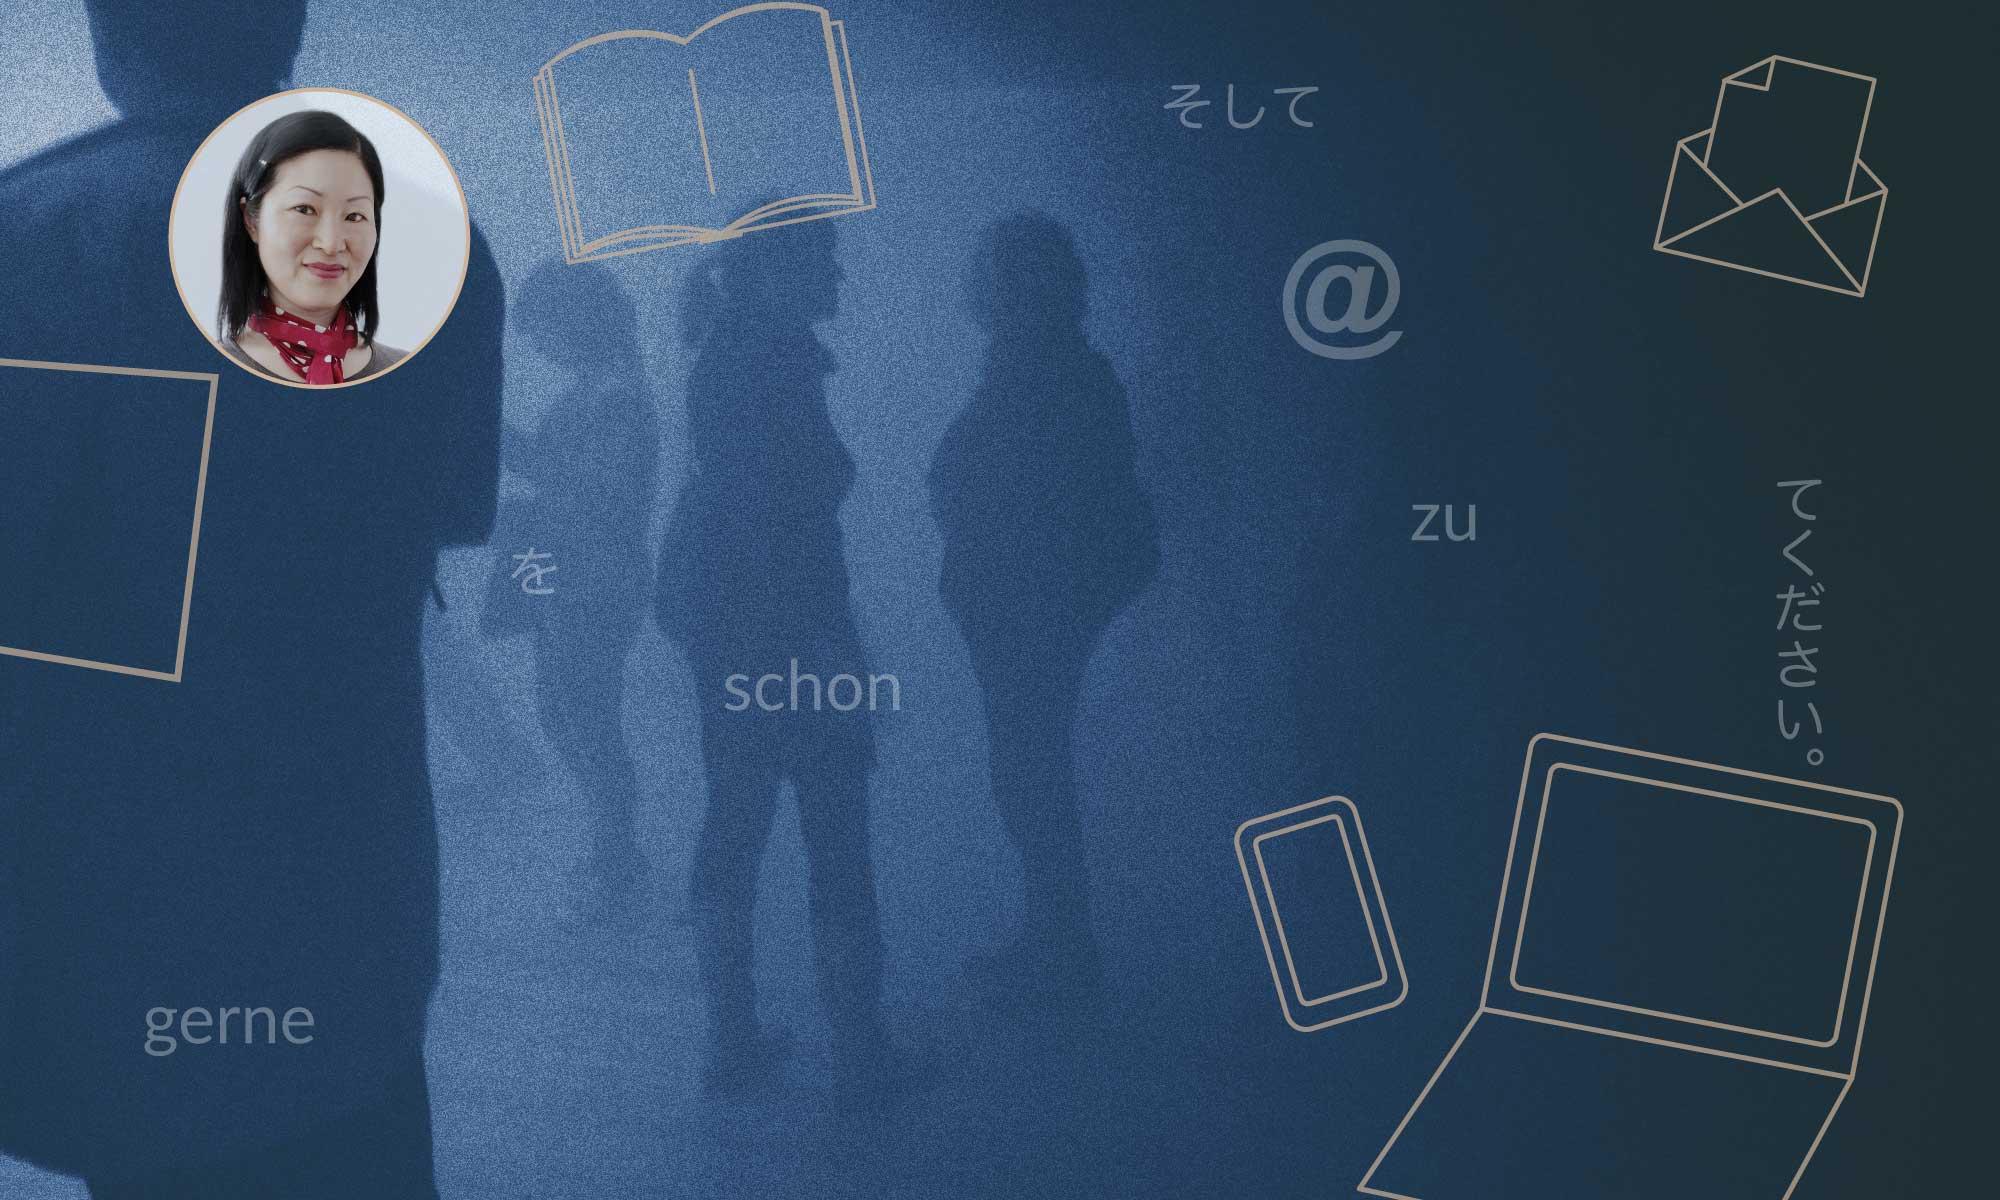 ドイツ語日本語コミュニケーションサービス | 畑 洋子